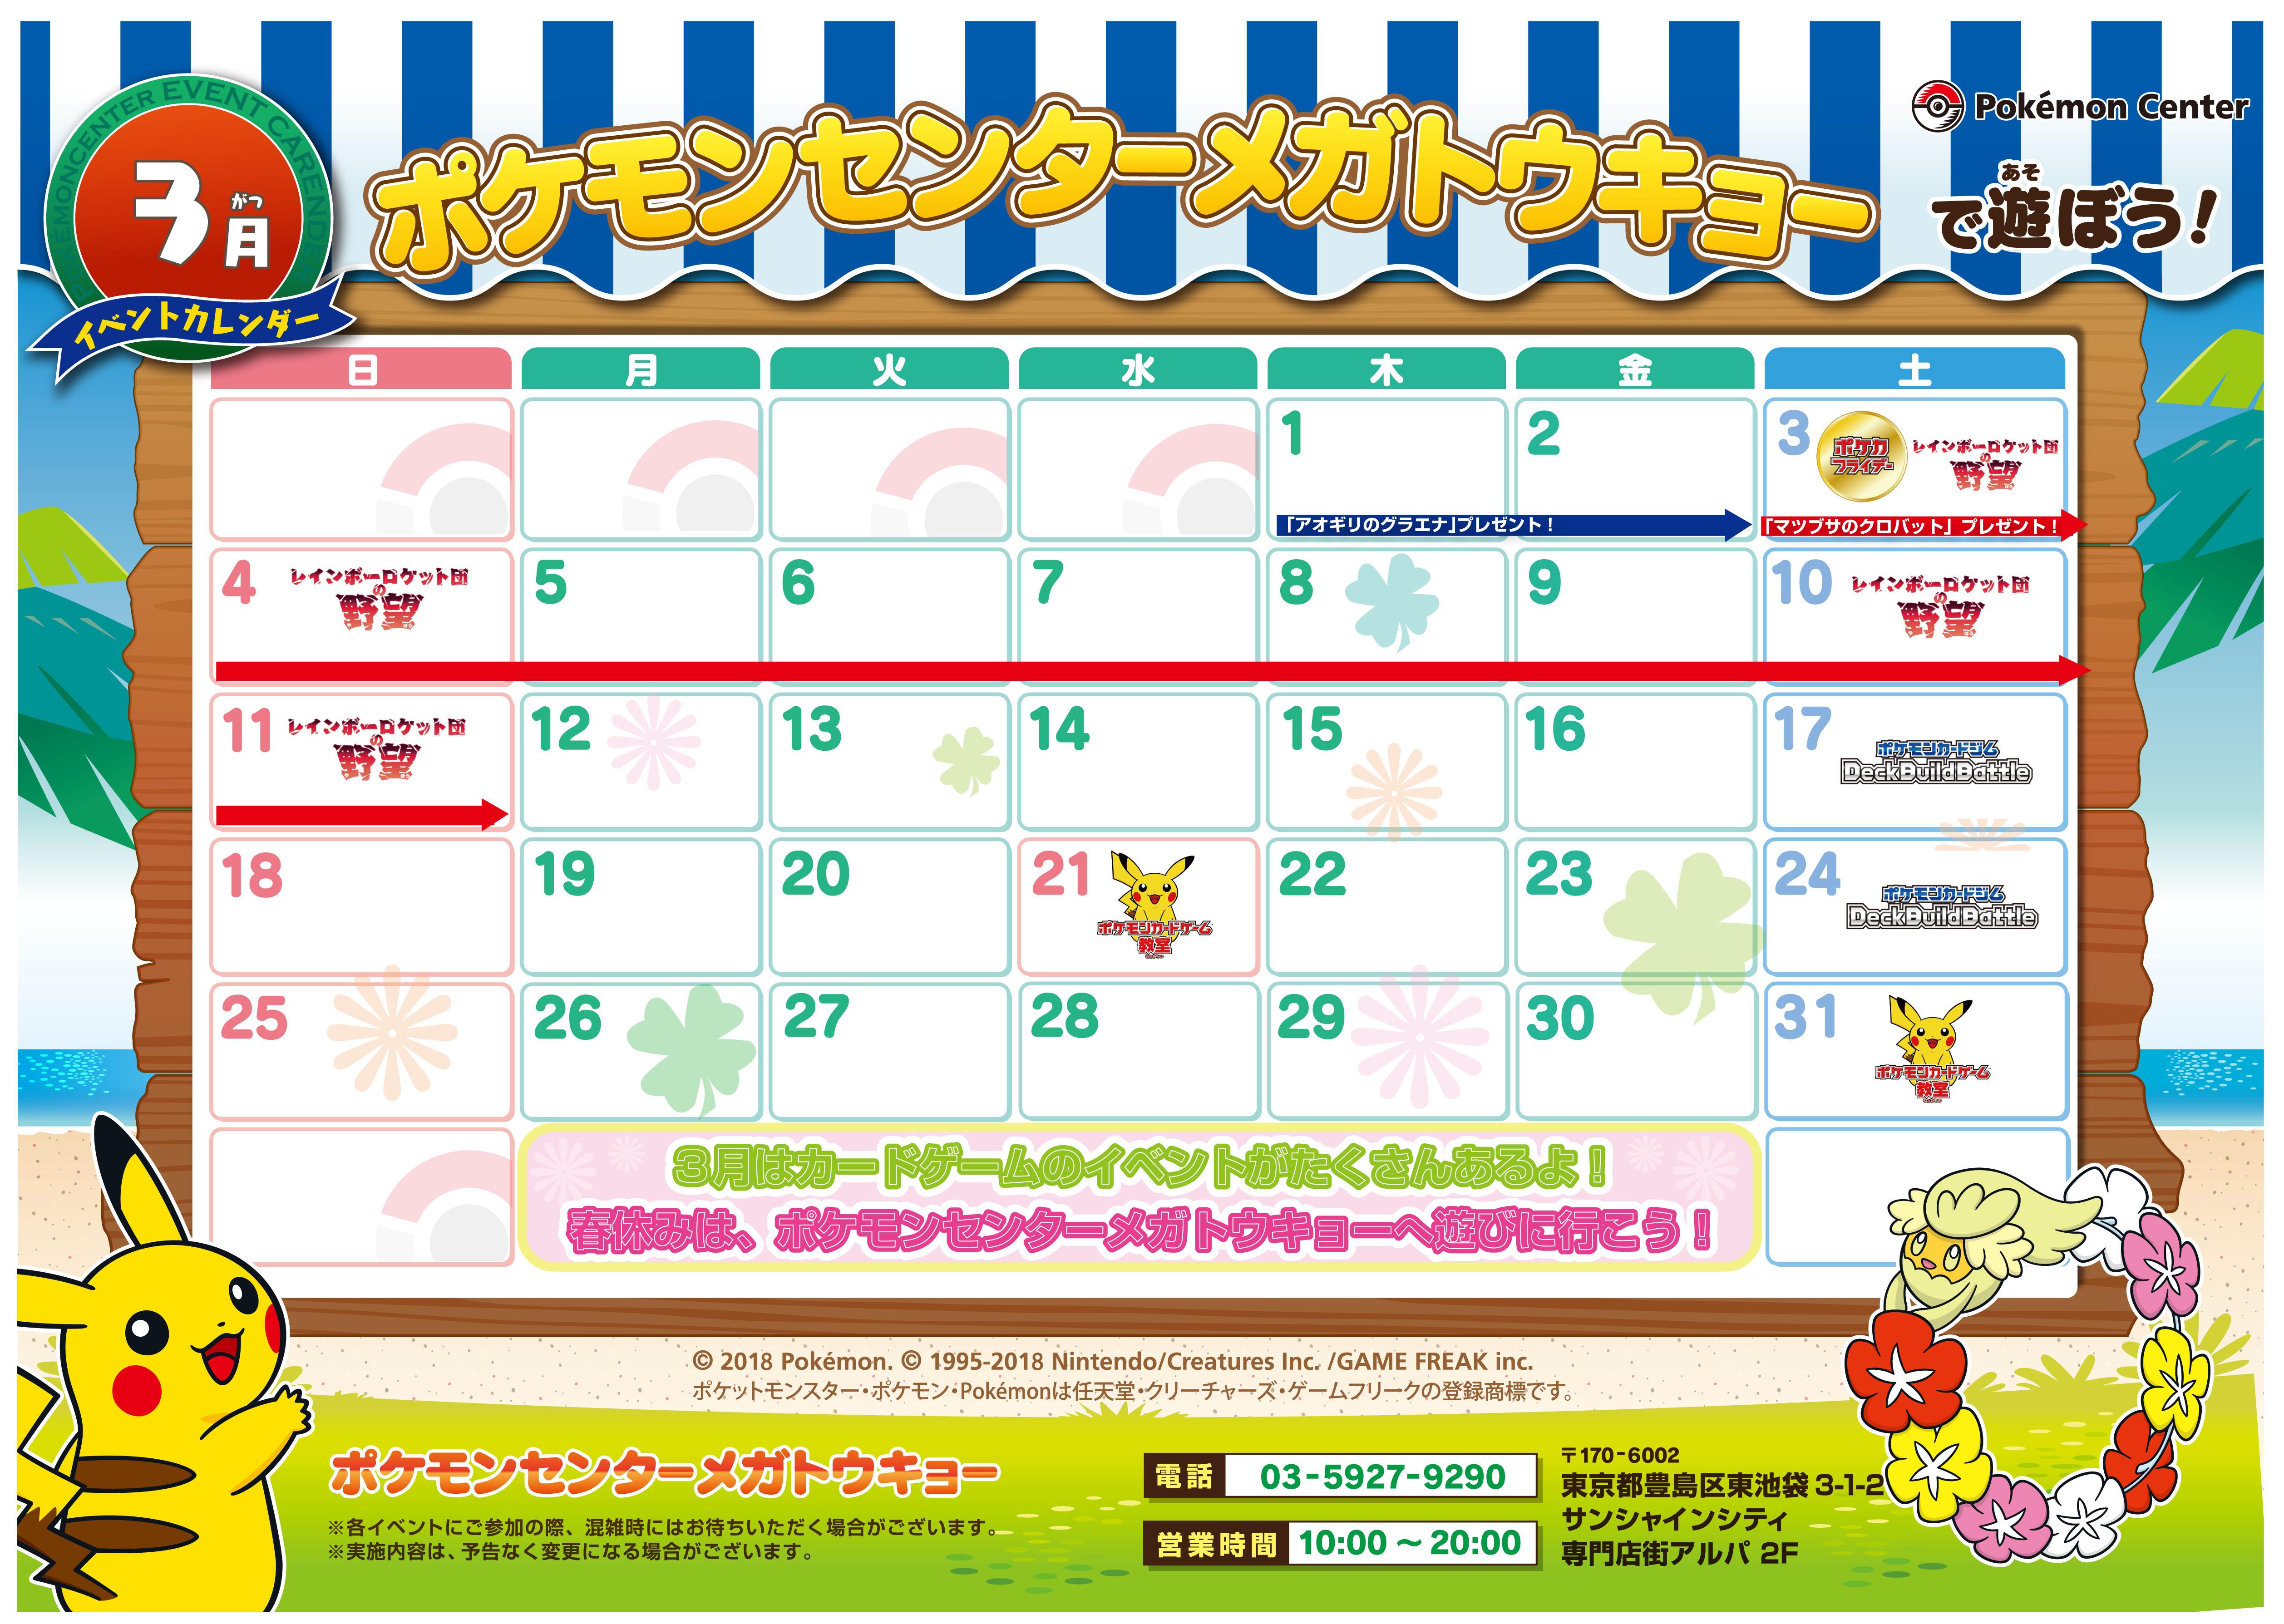 ポケモンセンターメガトウキョー】3月開催イベントのお知らせ |ポケモン